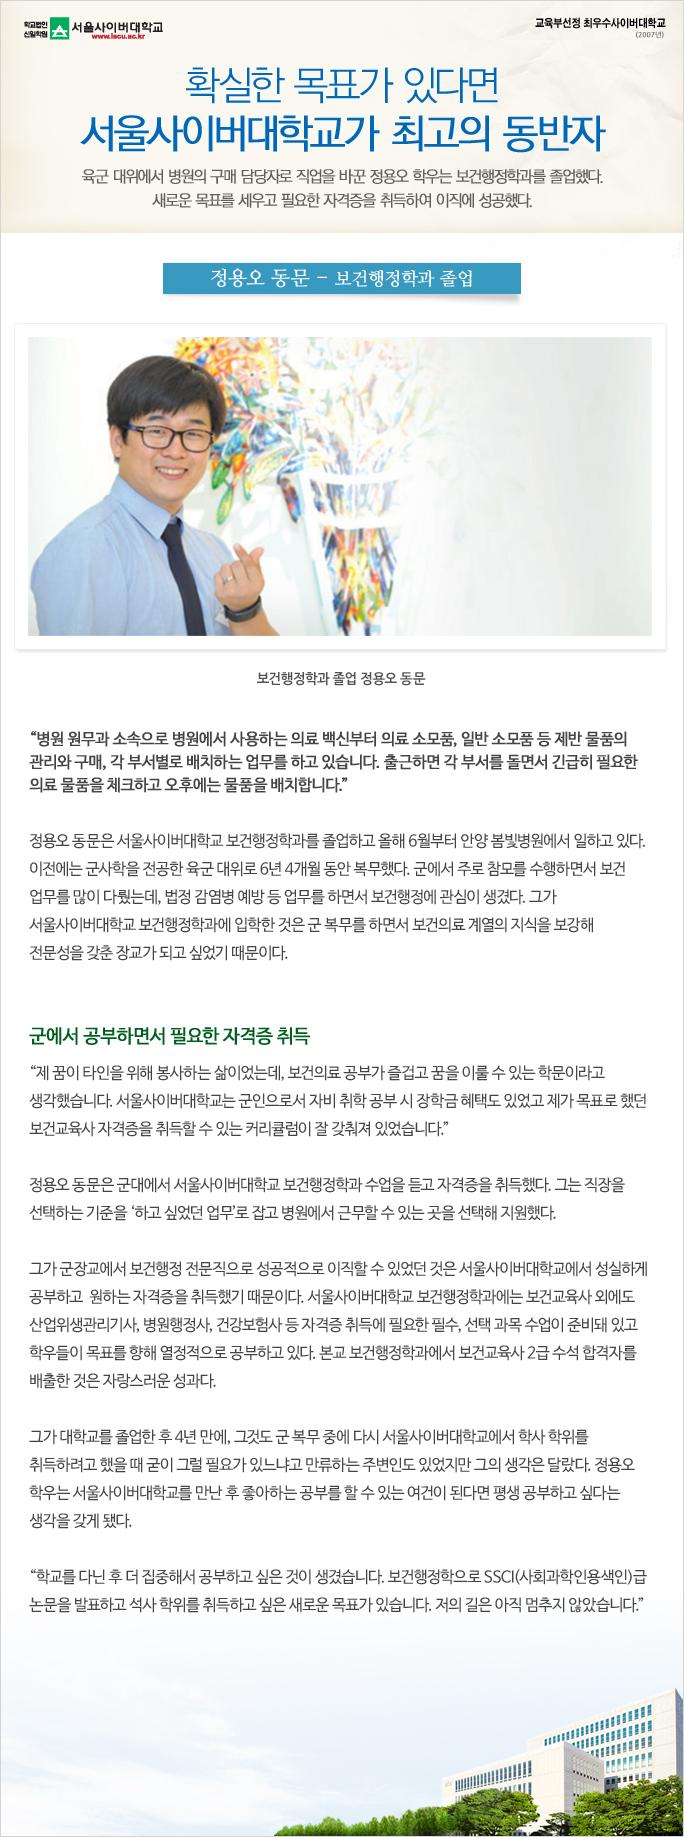 보건행정학과 졸업 정용오 동문 - 확실한 목표가 있다면 서울사이버대학교가 최고의 동반자 아래내용참조